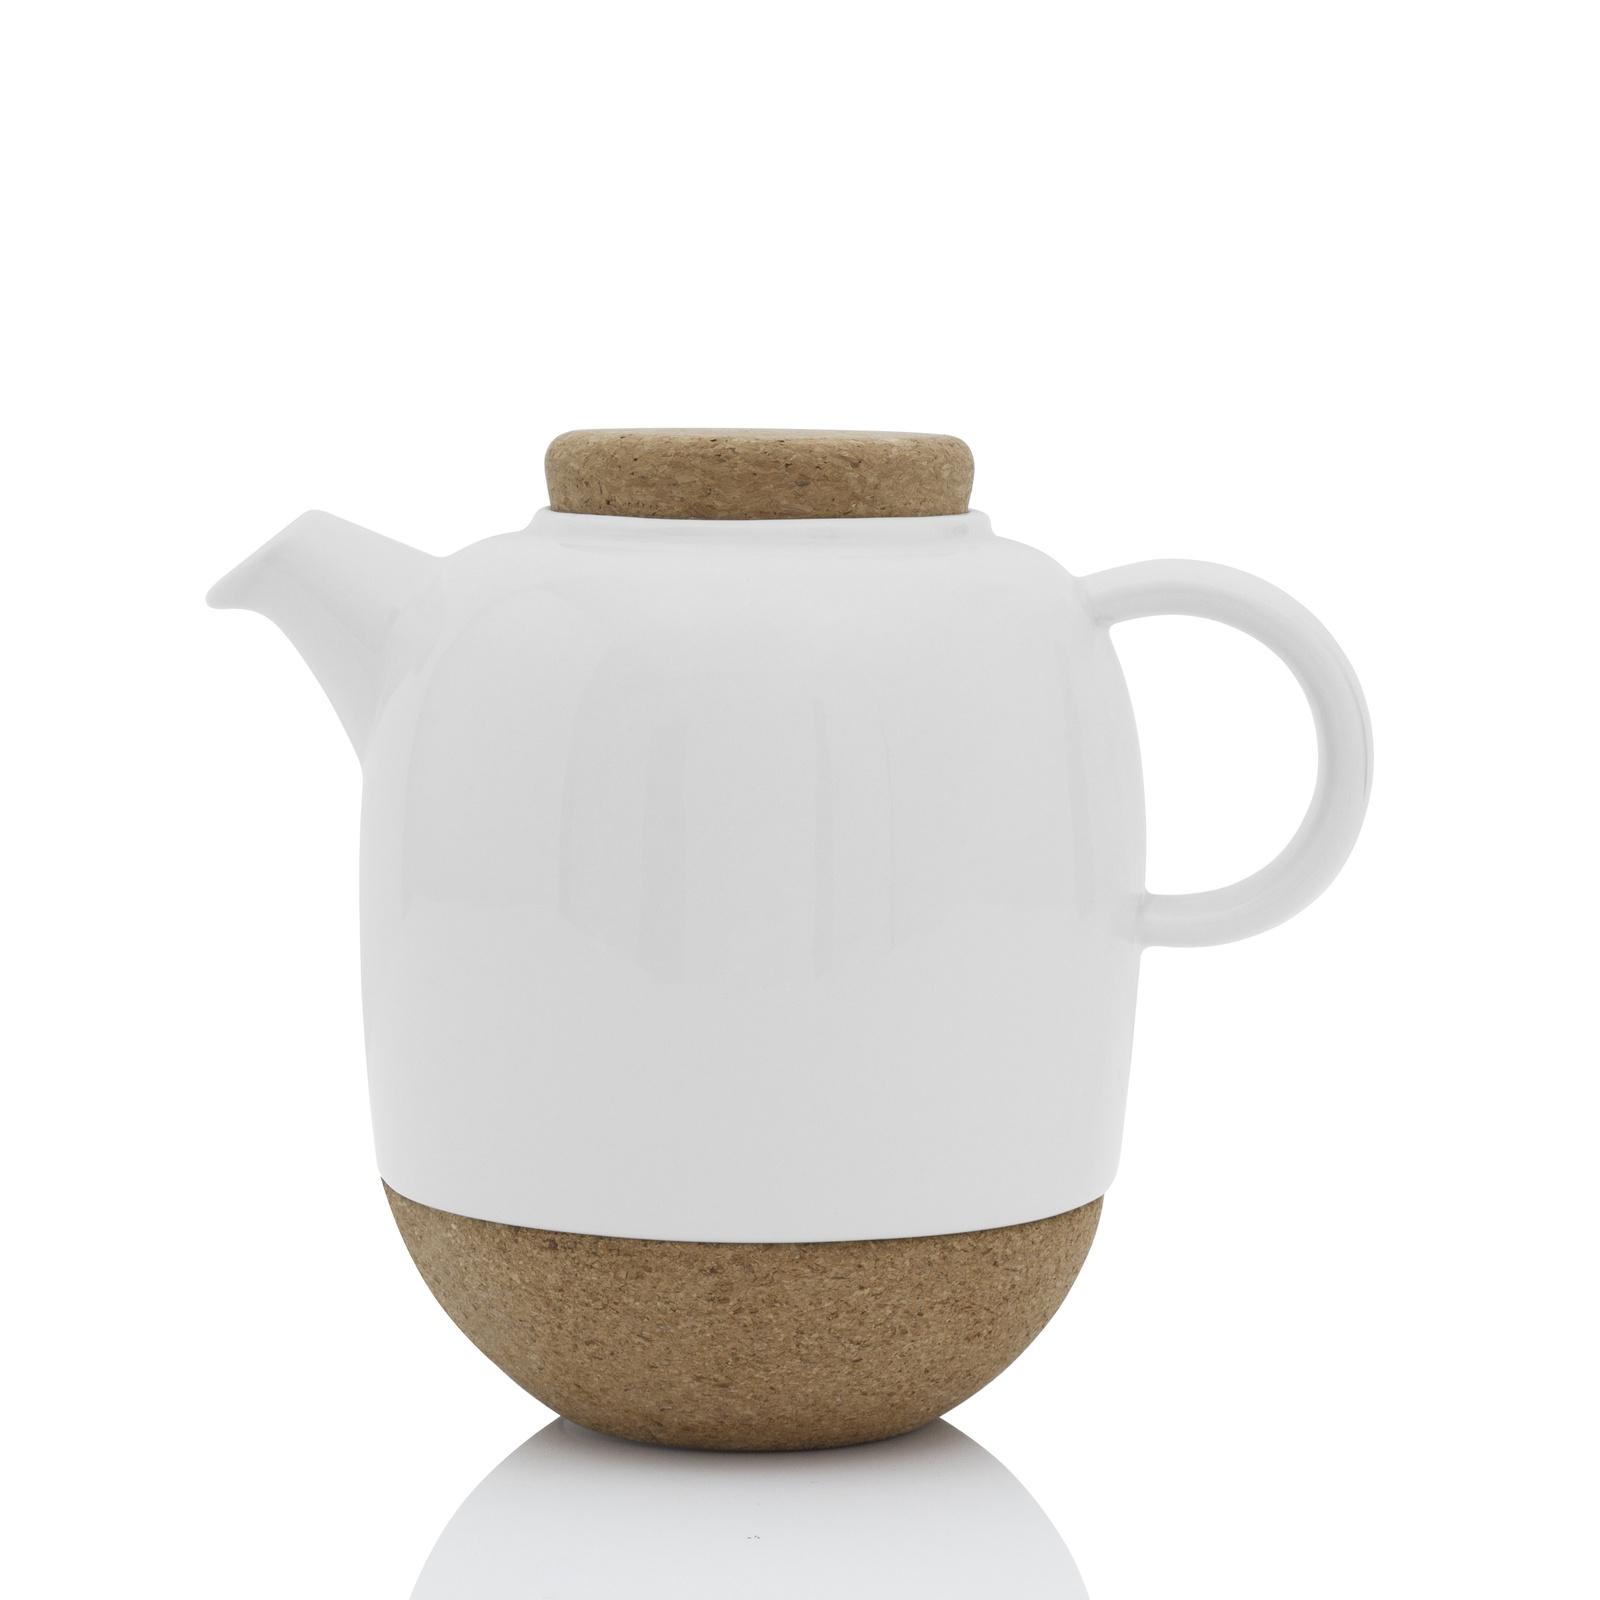 Чайник заварочный Viva scandinavia Lauren с ситечком, белый, 1,2 л